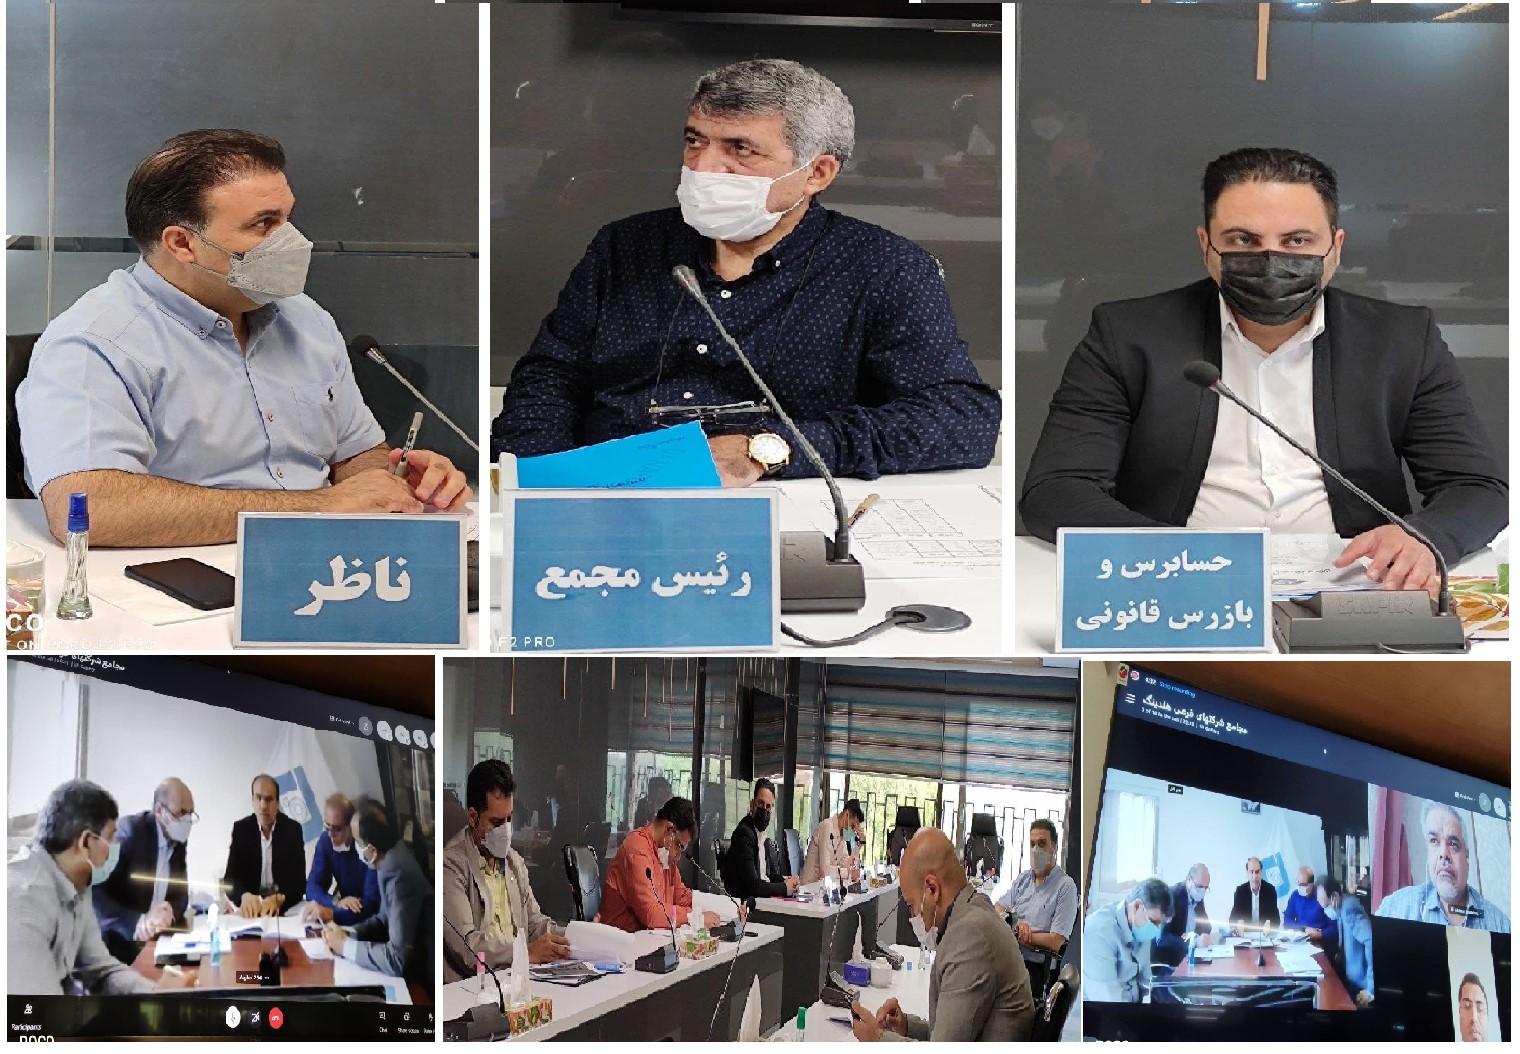 مجمع عمومی عادی شرکت دانا فولاد سمنان منتهی به 30 اسفند 99